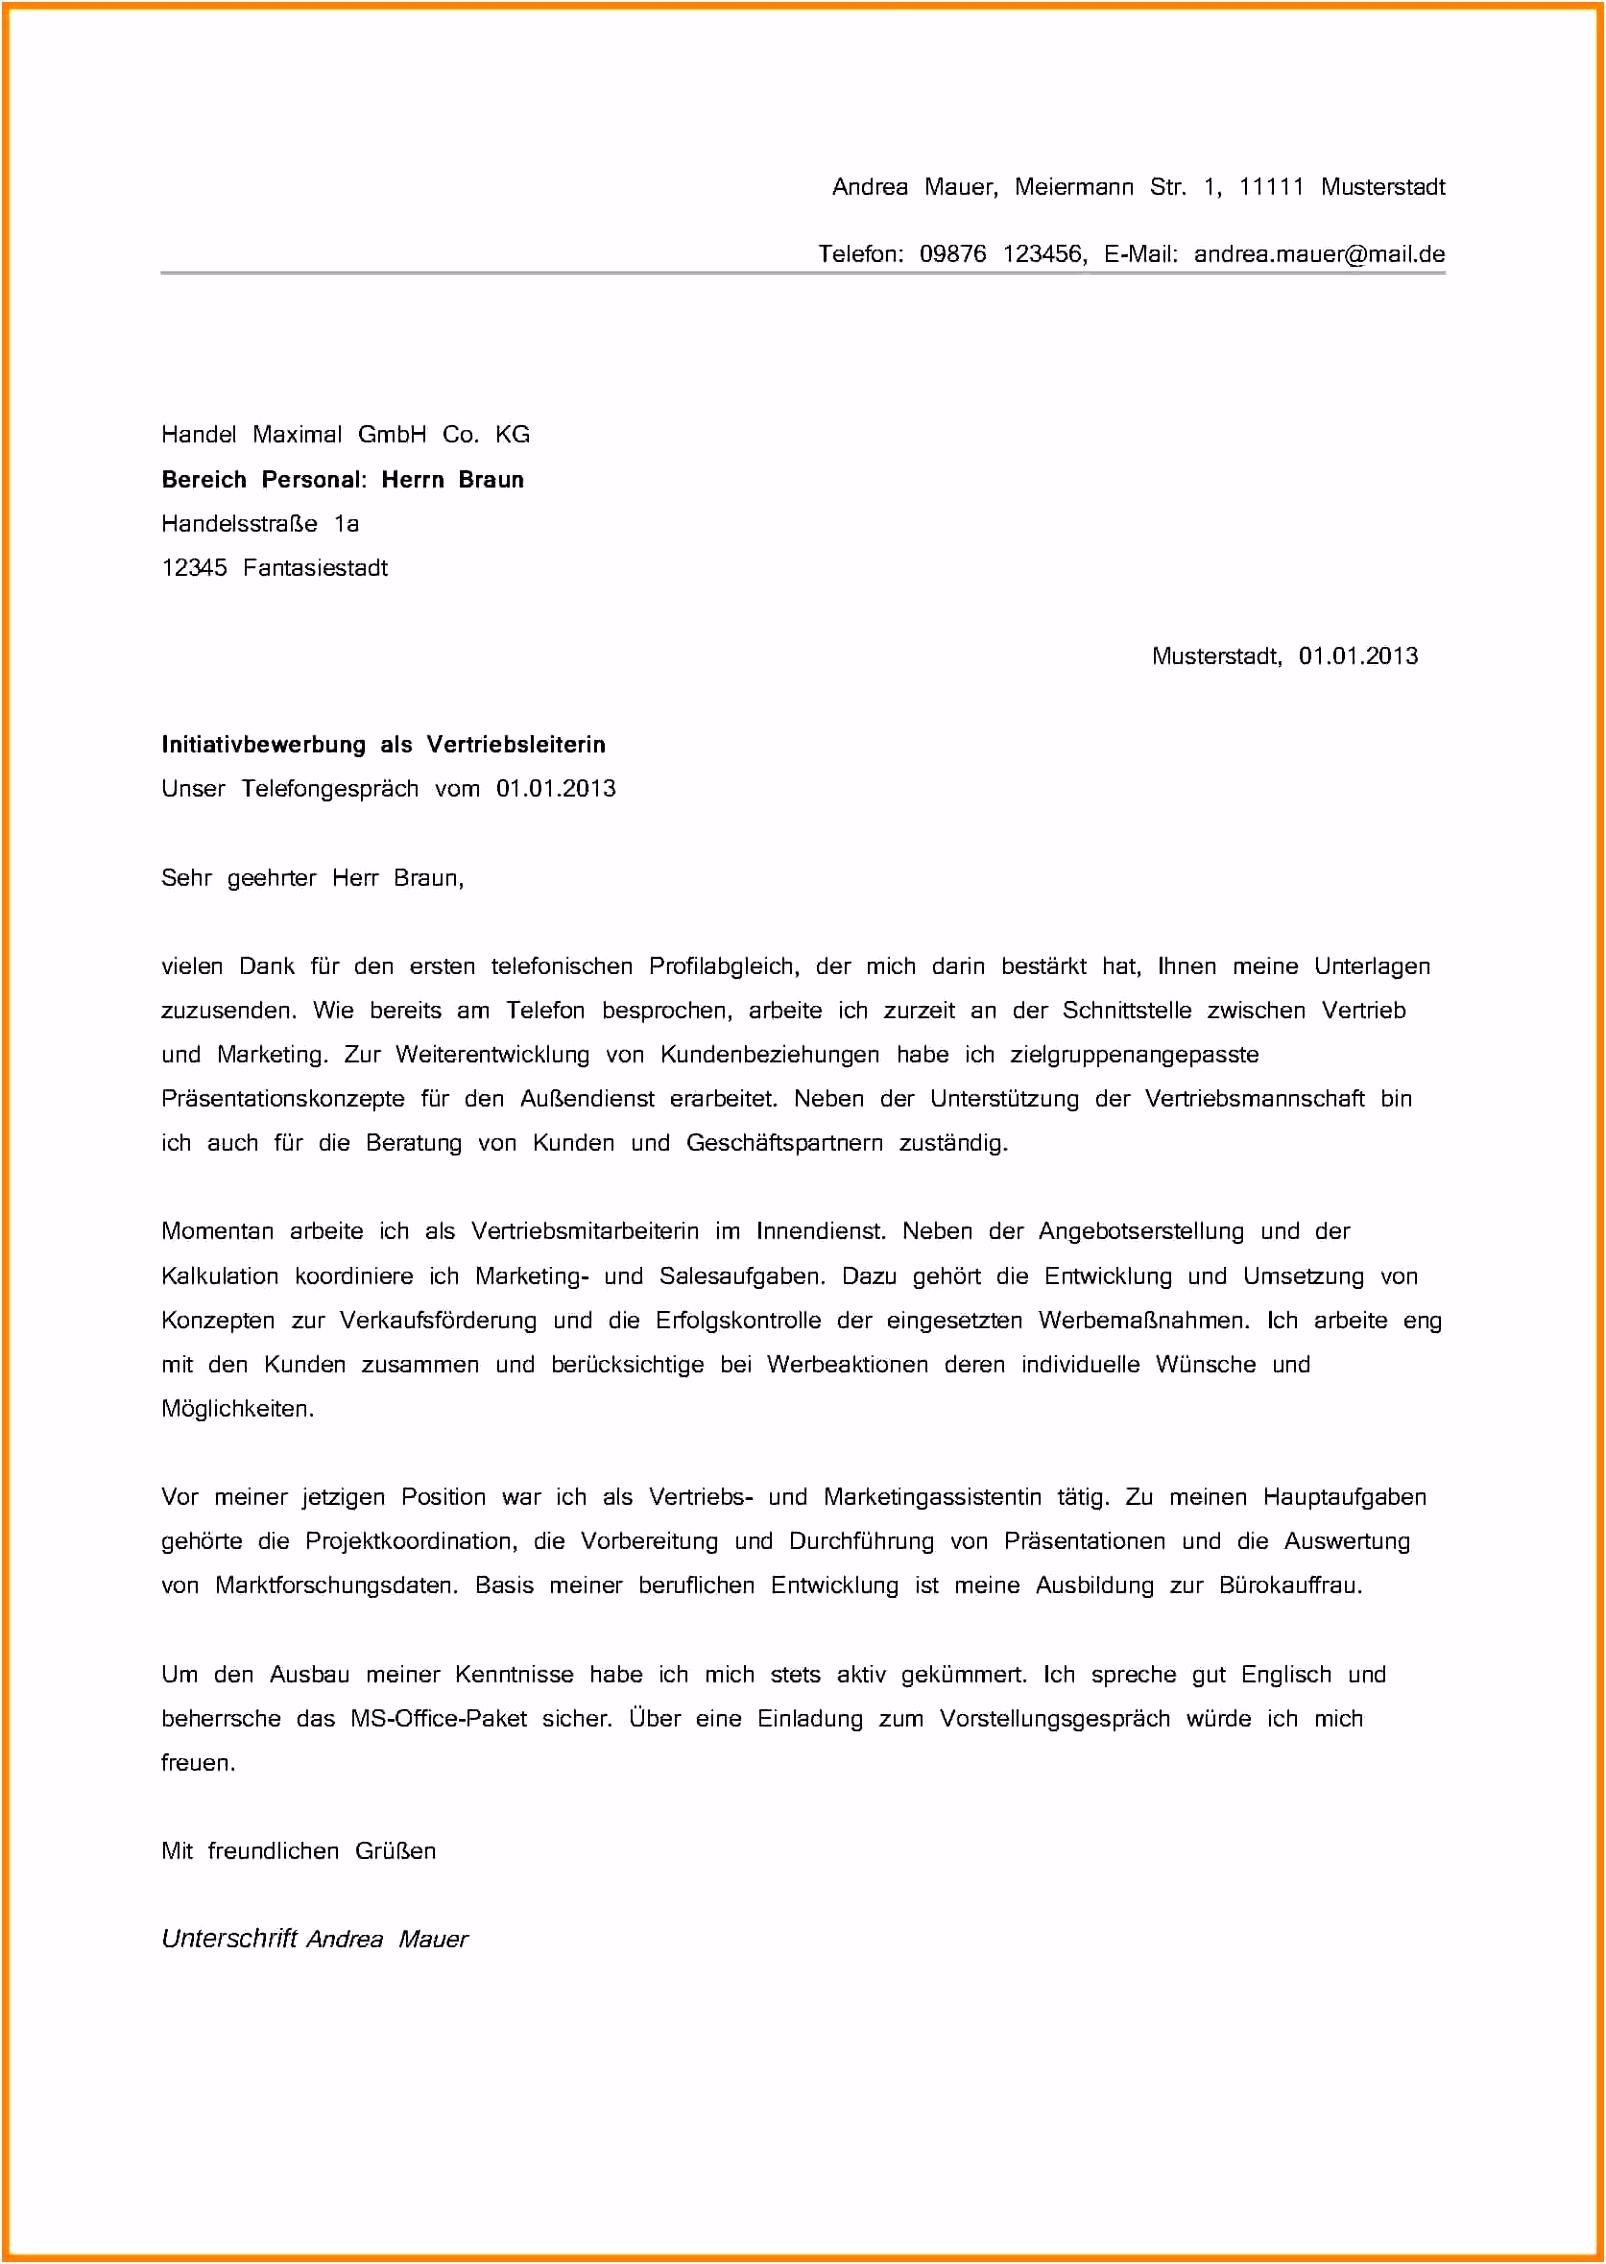 Urkalkulation Vorlage 15 Bewerbung Bank Muster O2sb24btj5 Qvejsmhlrm